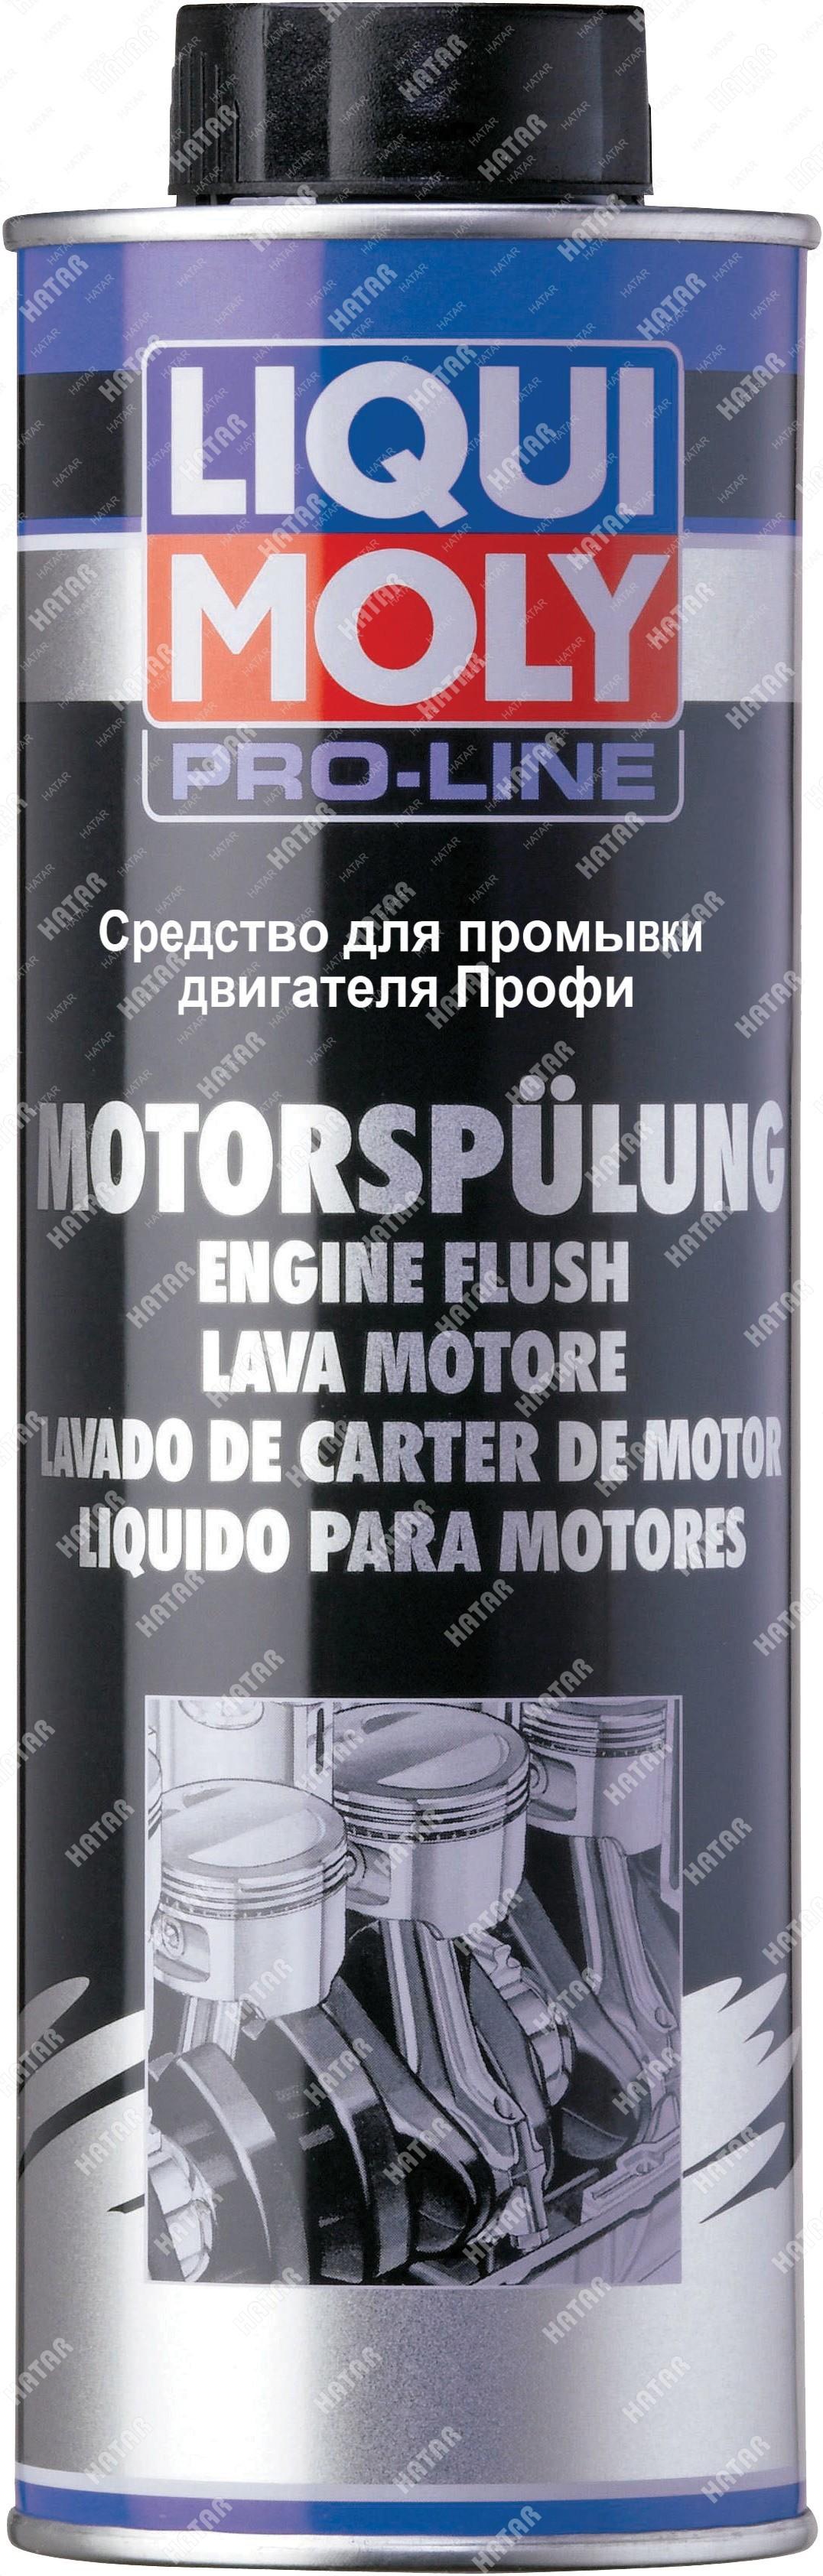 LIQUI MOLY Средство для промывки двигателя motorspulung pro-line 0.5л